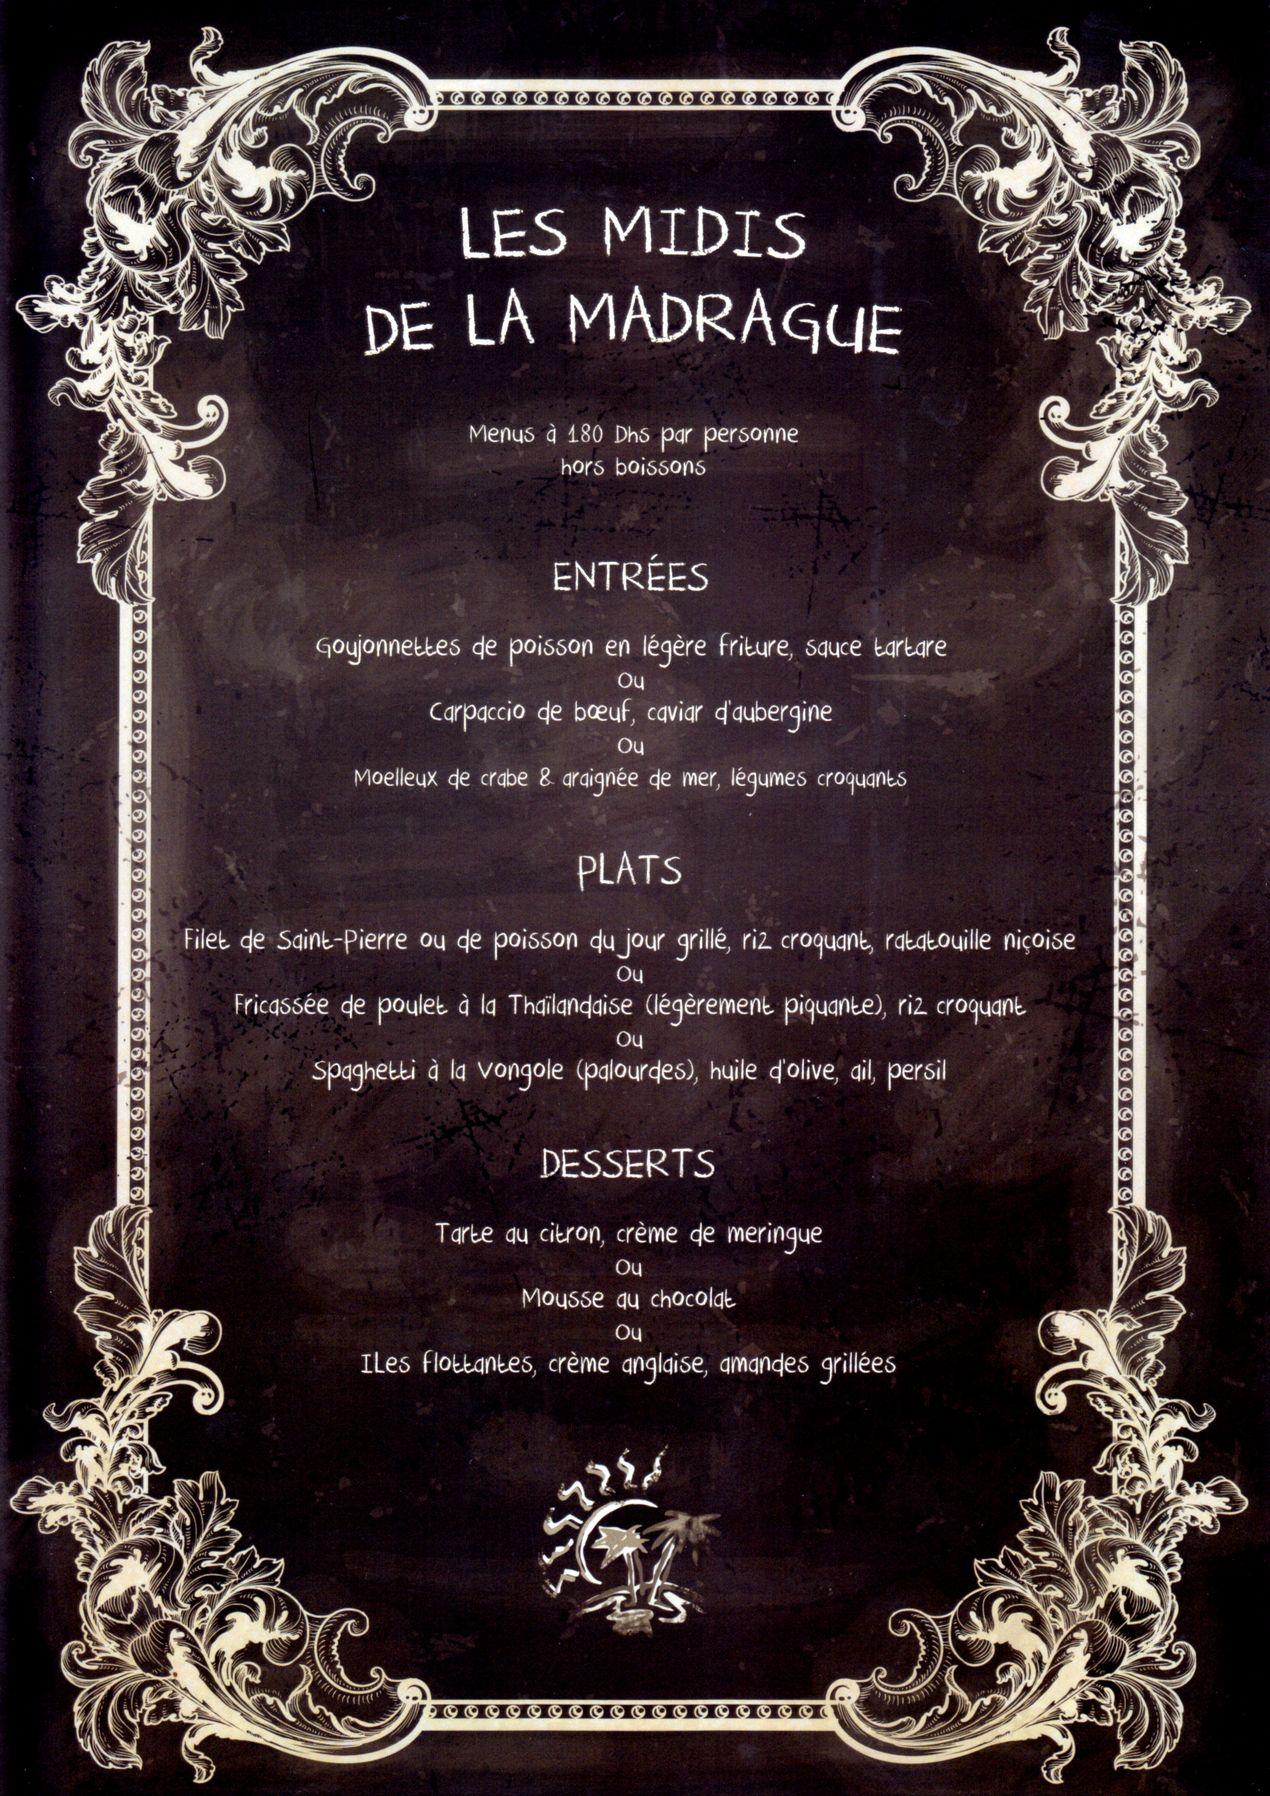 Madrague